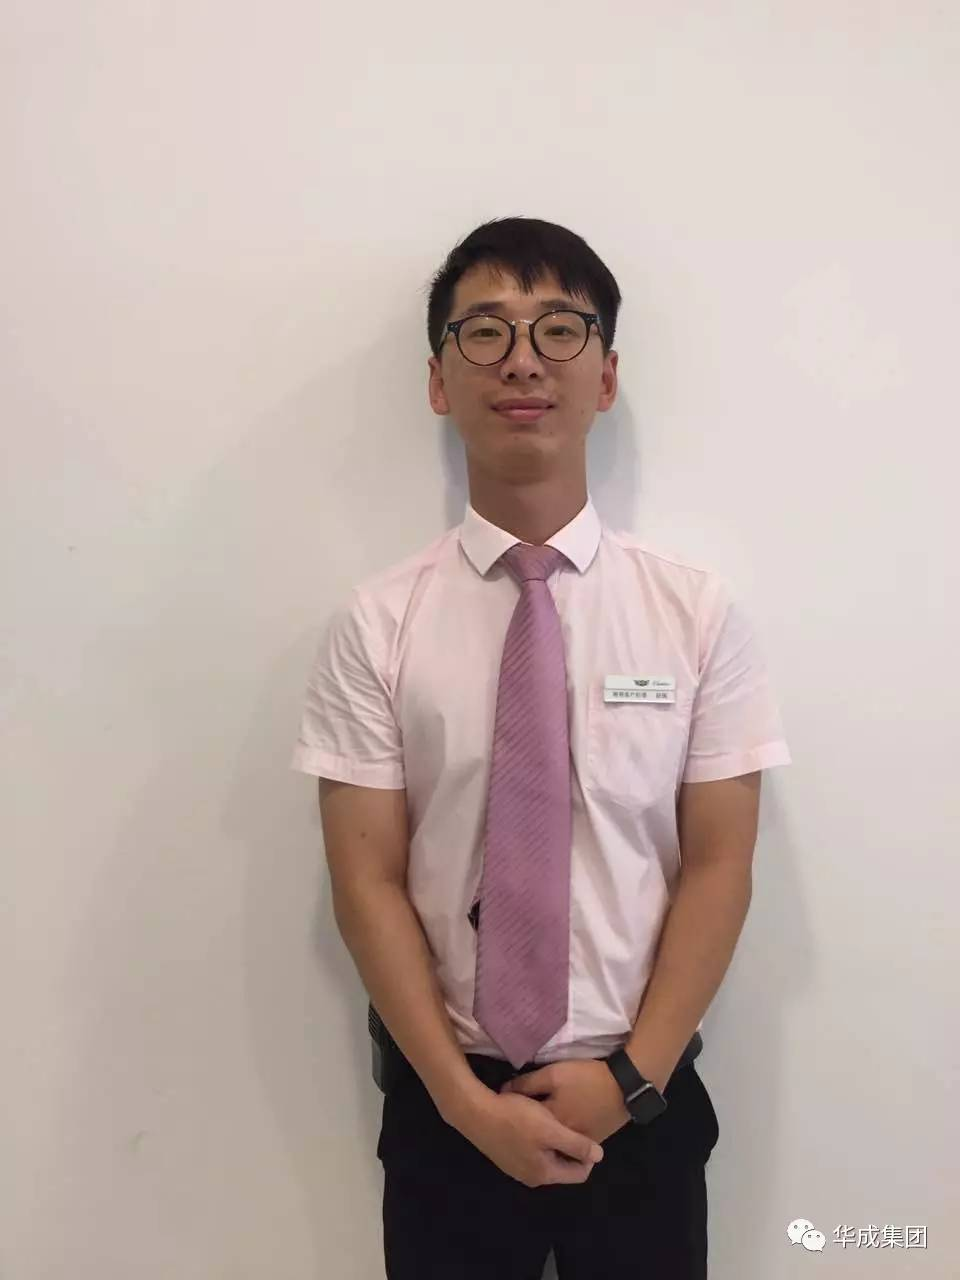 华成集团销售顾问第二届技能大赛复赛个人风采 二